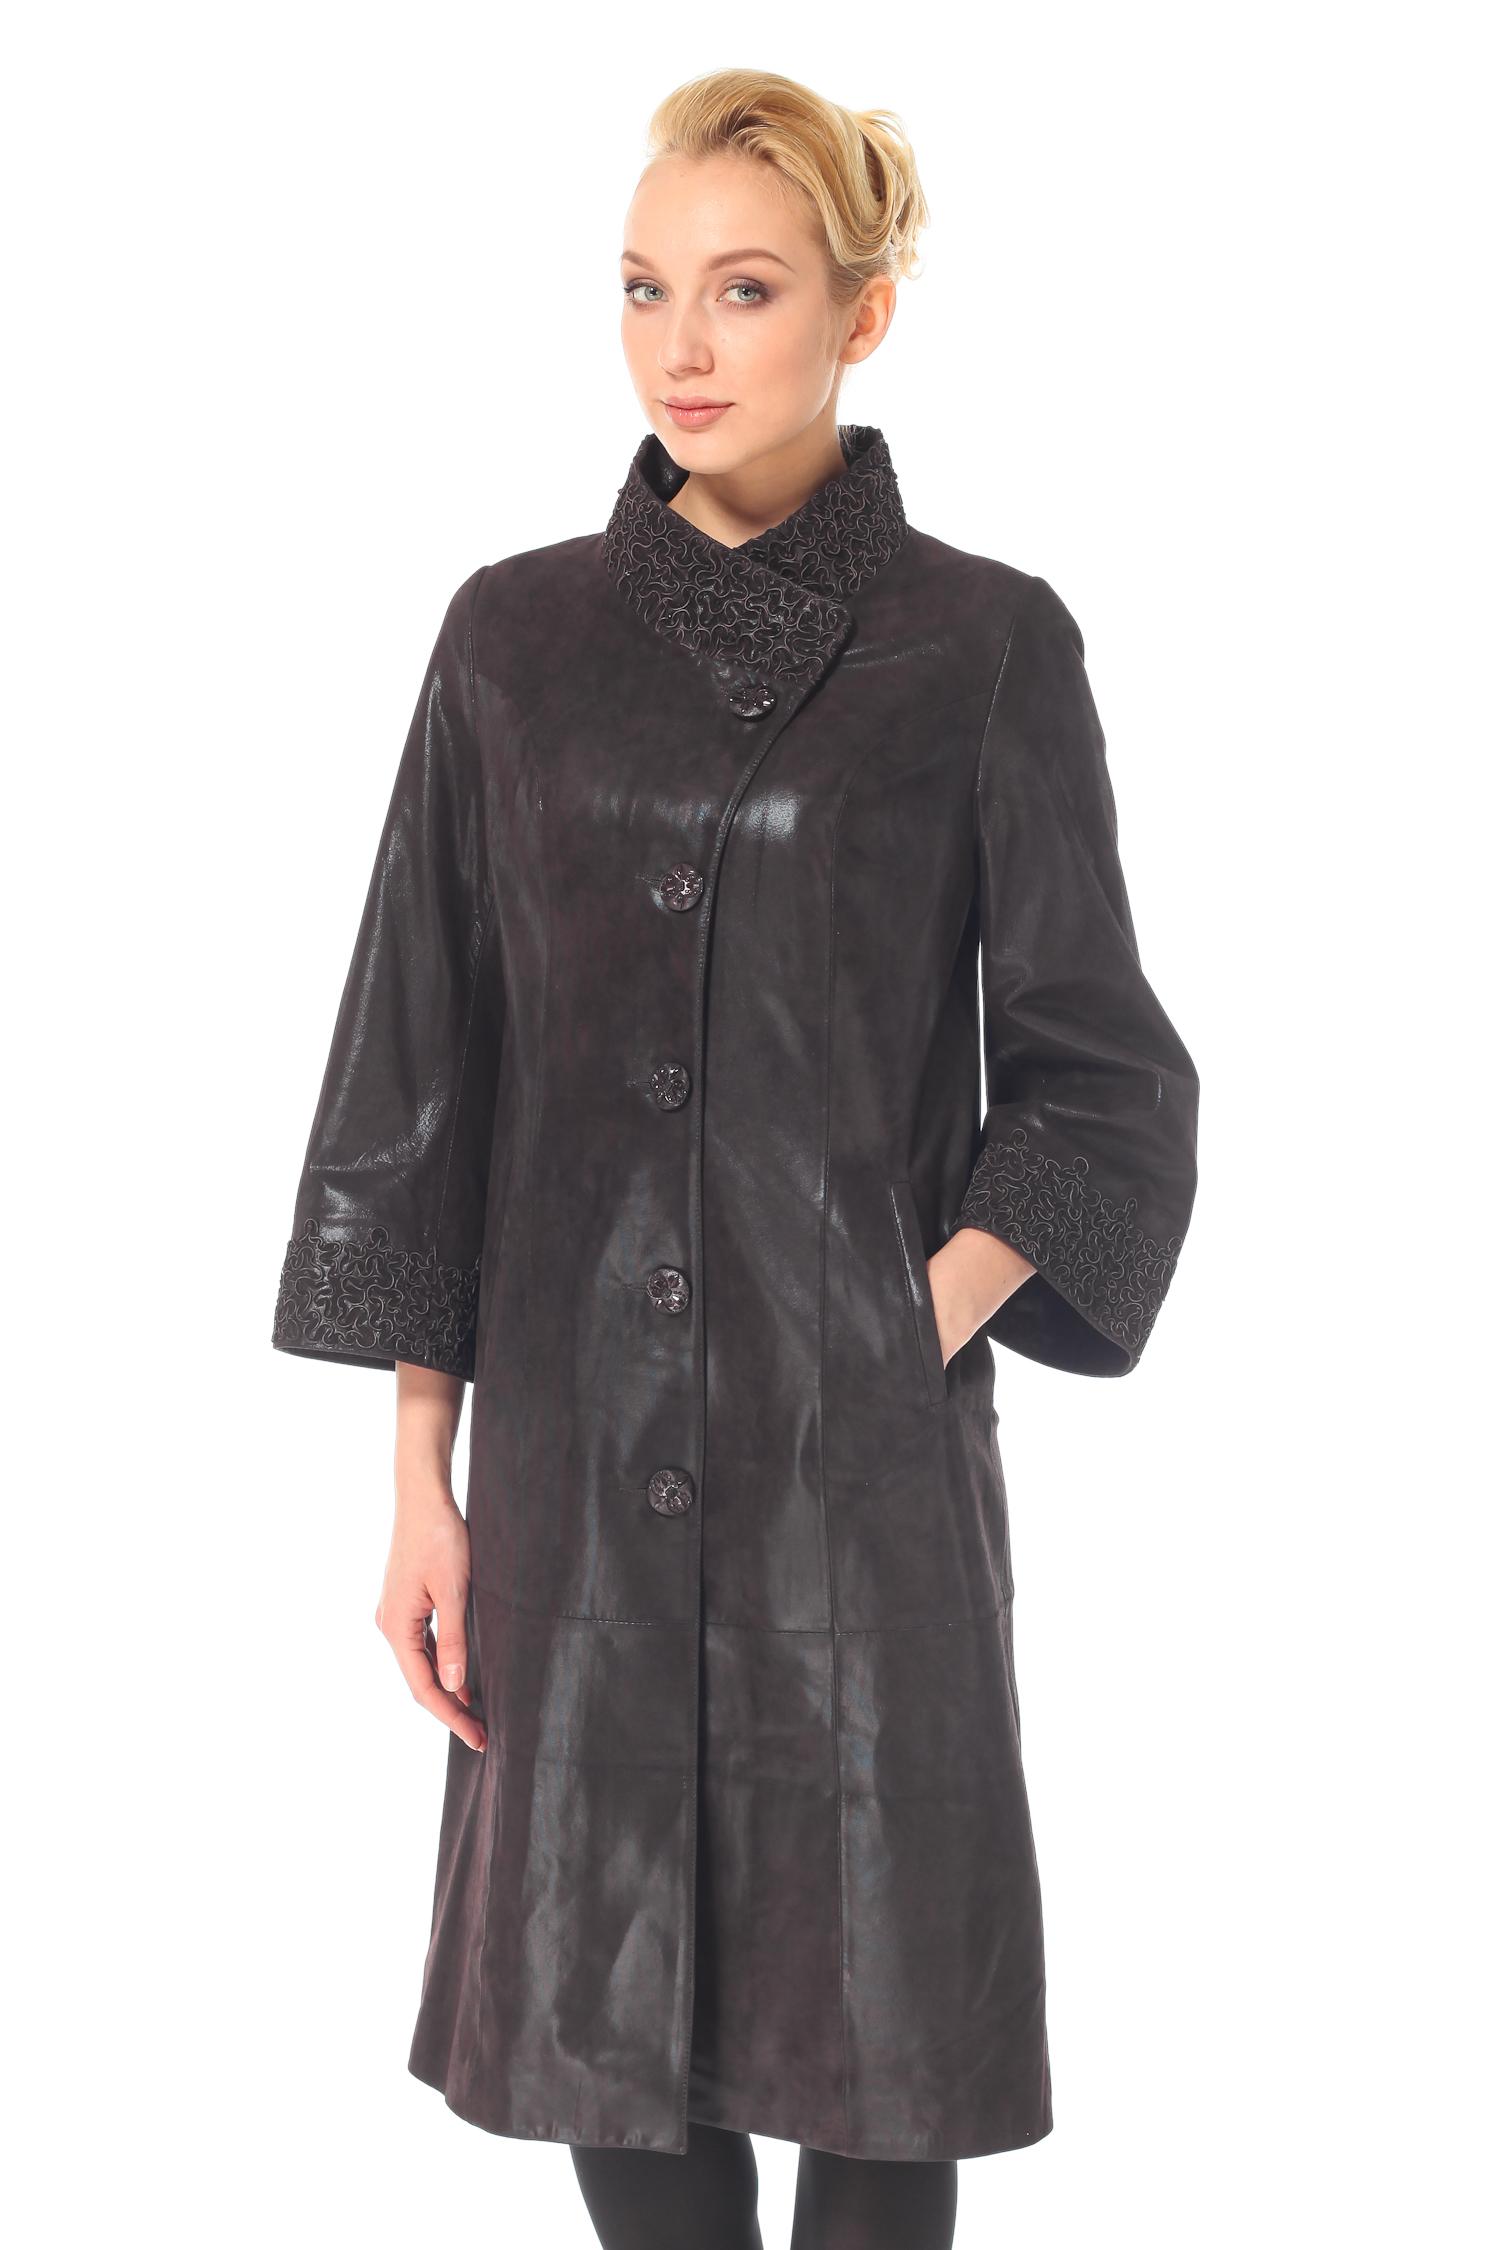 Женское кожаное пальто из натуральной замши (с накатом) с воротником, без отделки<br><br>Воротник: стойка<br>Длина см: Длинная (свыше 90)<br>Материал: Замша<br>Цвет: фиолетовый<br>Пол: Женский<br>Размер RU: 52